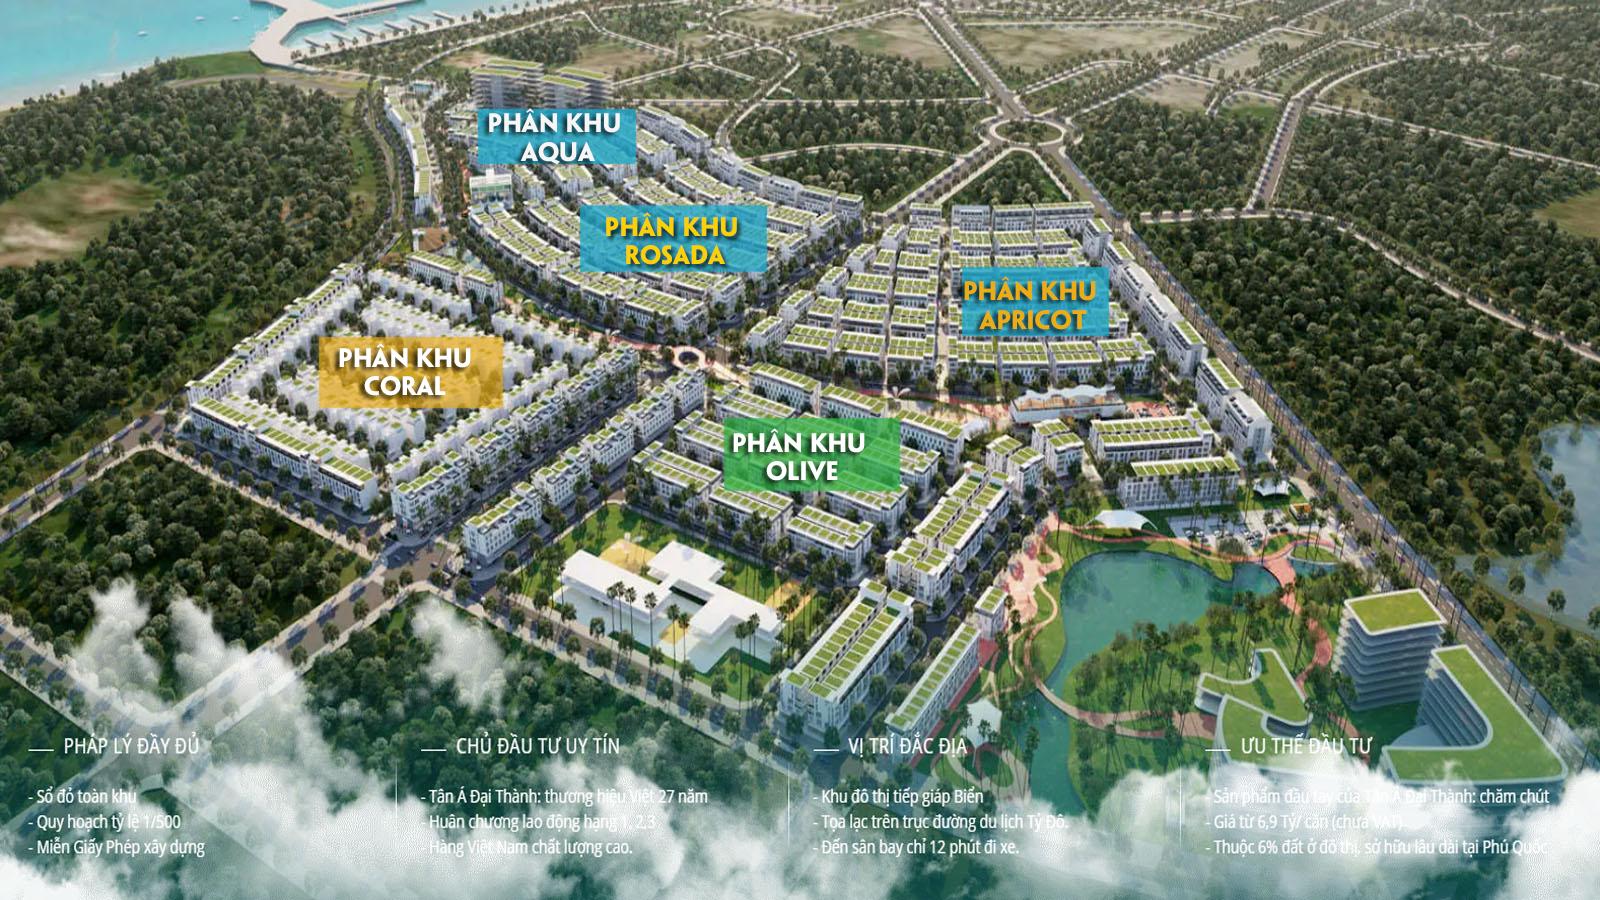 Meyhomes Capital Phú Quốc - Thành phố đảo nhiệt đới đa sắc màu